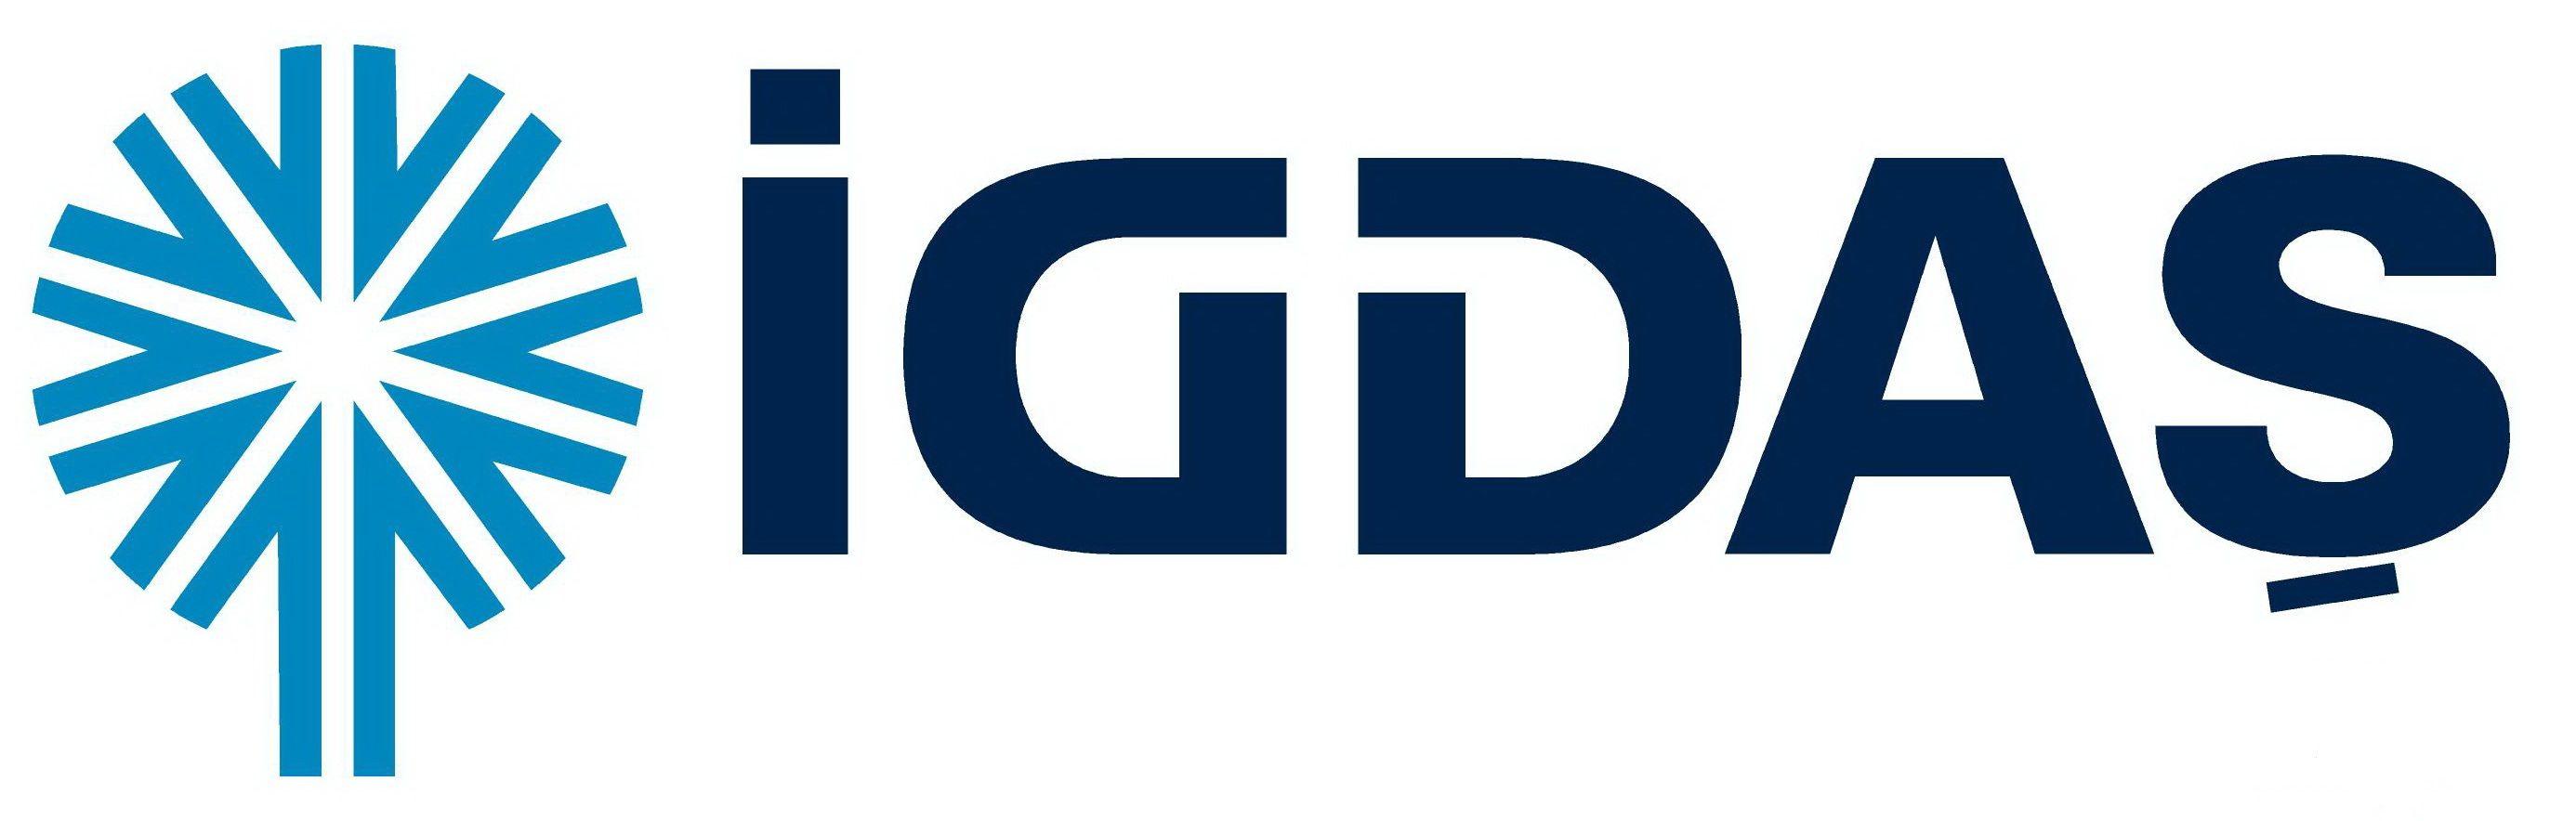 Image result for IGDAS